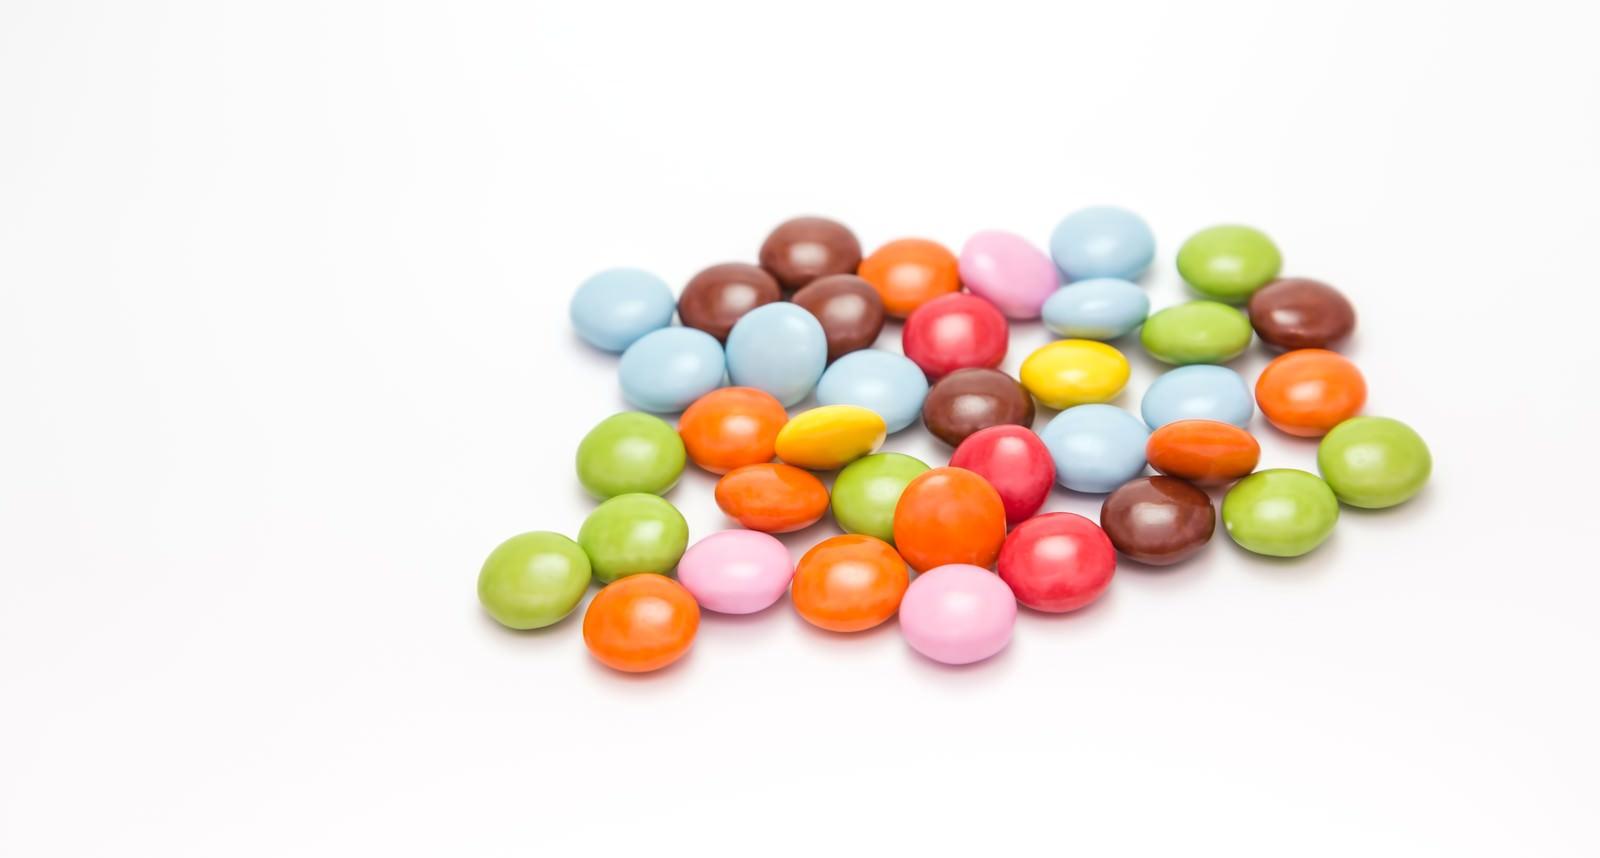 「マーブルチョコレート」の写真